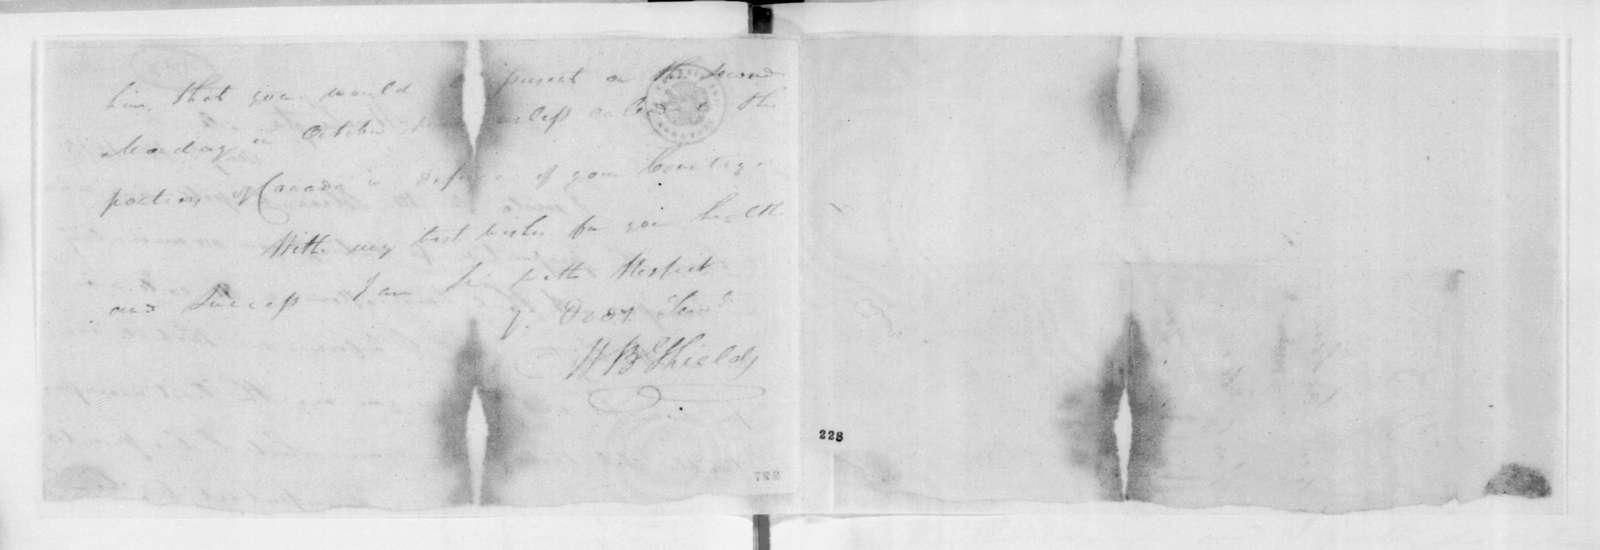 W. B. Shields to Andrew Jackson, August 15, 1813